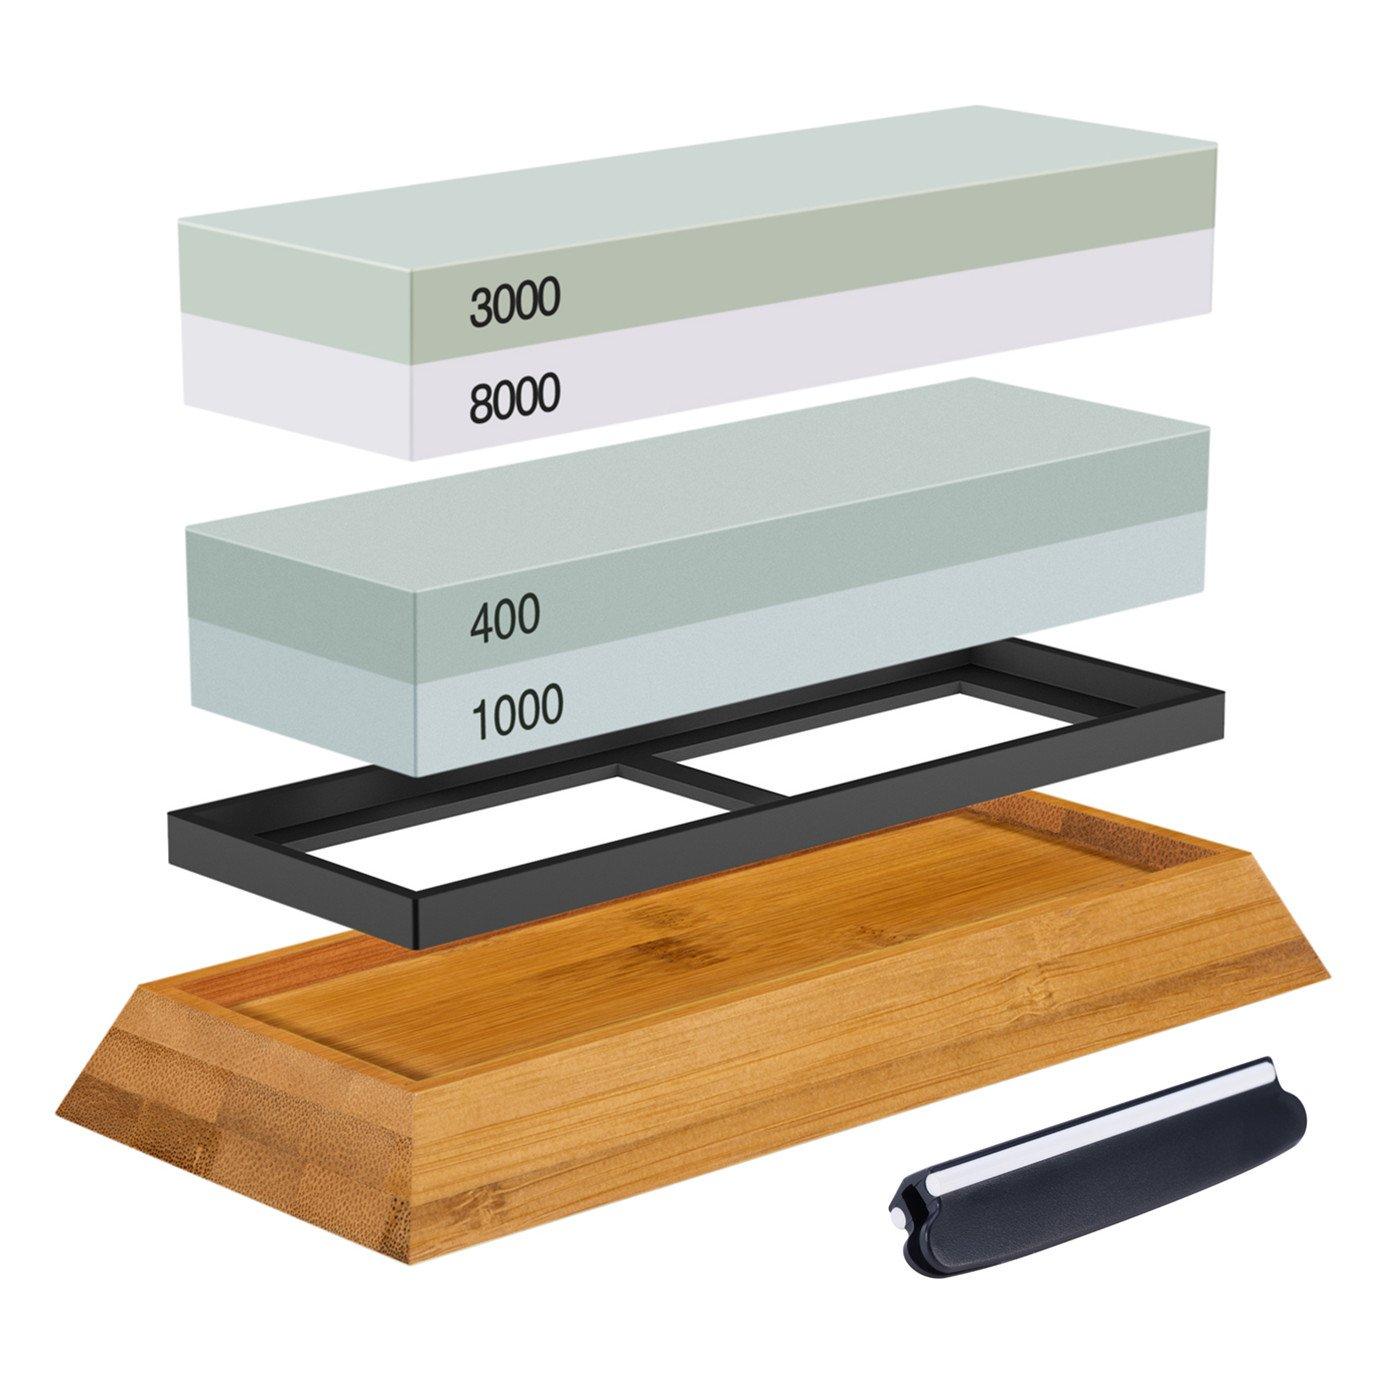 Premium Knife Sharpening Stone Kit, ASEL 4 Side 400/1000 3000/8000 Grit Whetstone, Best Kitchen Blade Sharpener Stone, Non-Slip Bamboo Base and Bonus Angle Guide Included